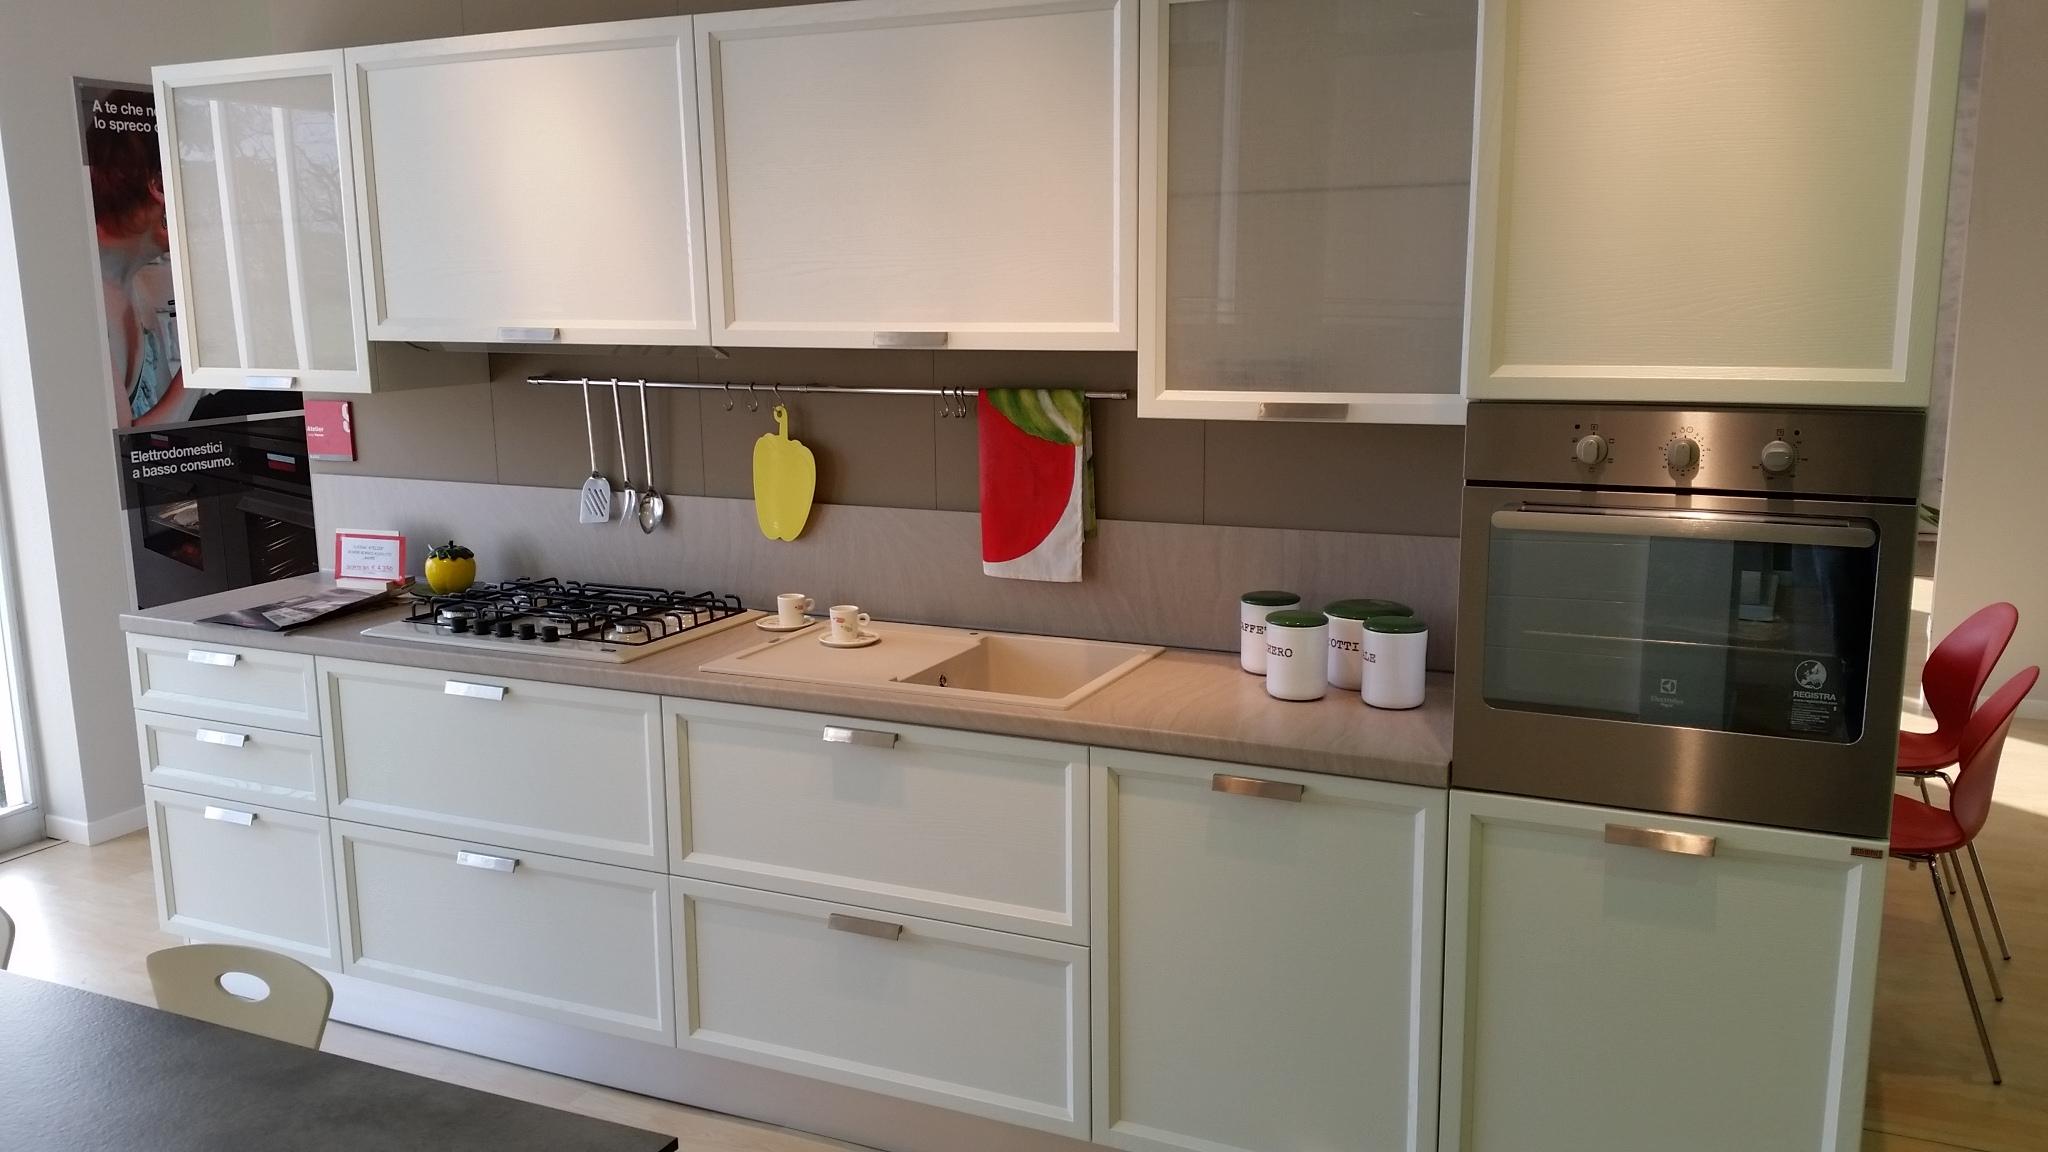 Cucina scavolini atelier rovere bianco assoluto cucine a - Cucina rovere bianco ...